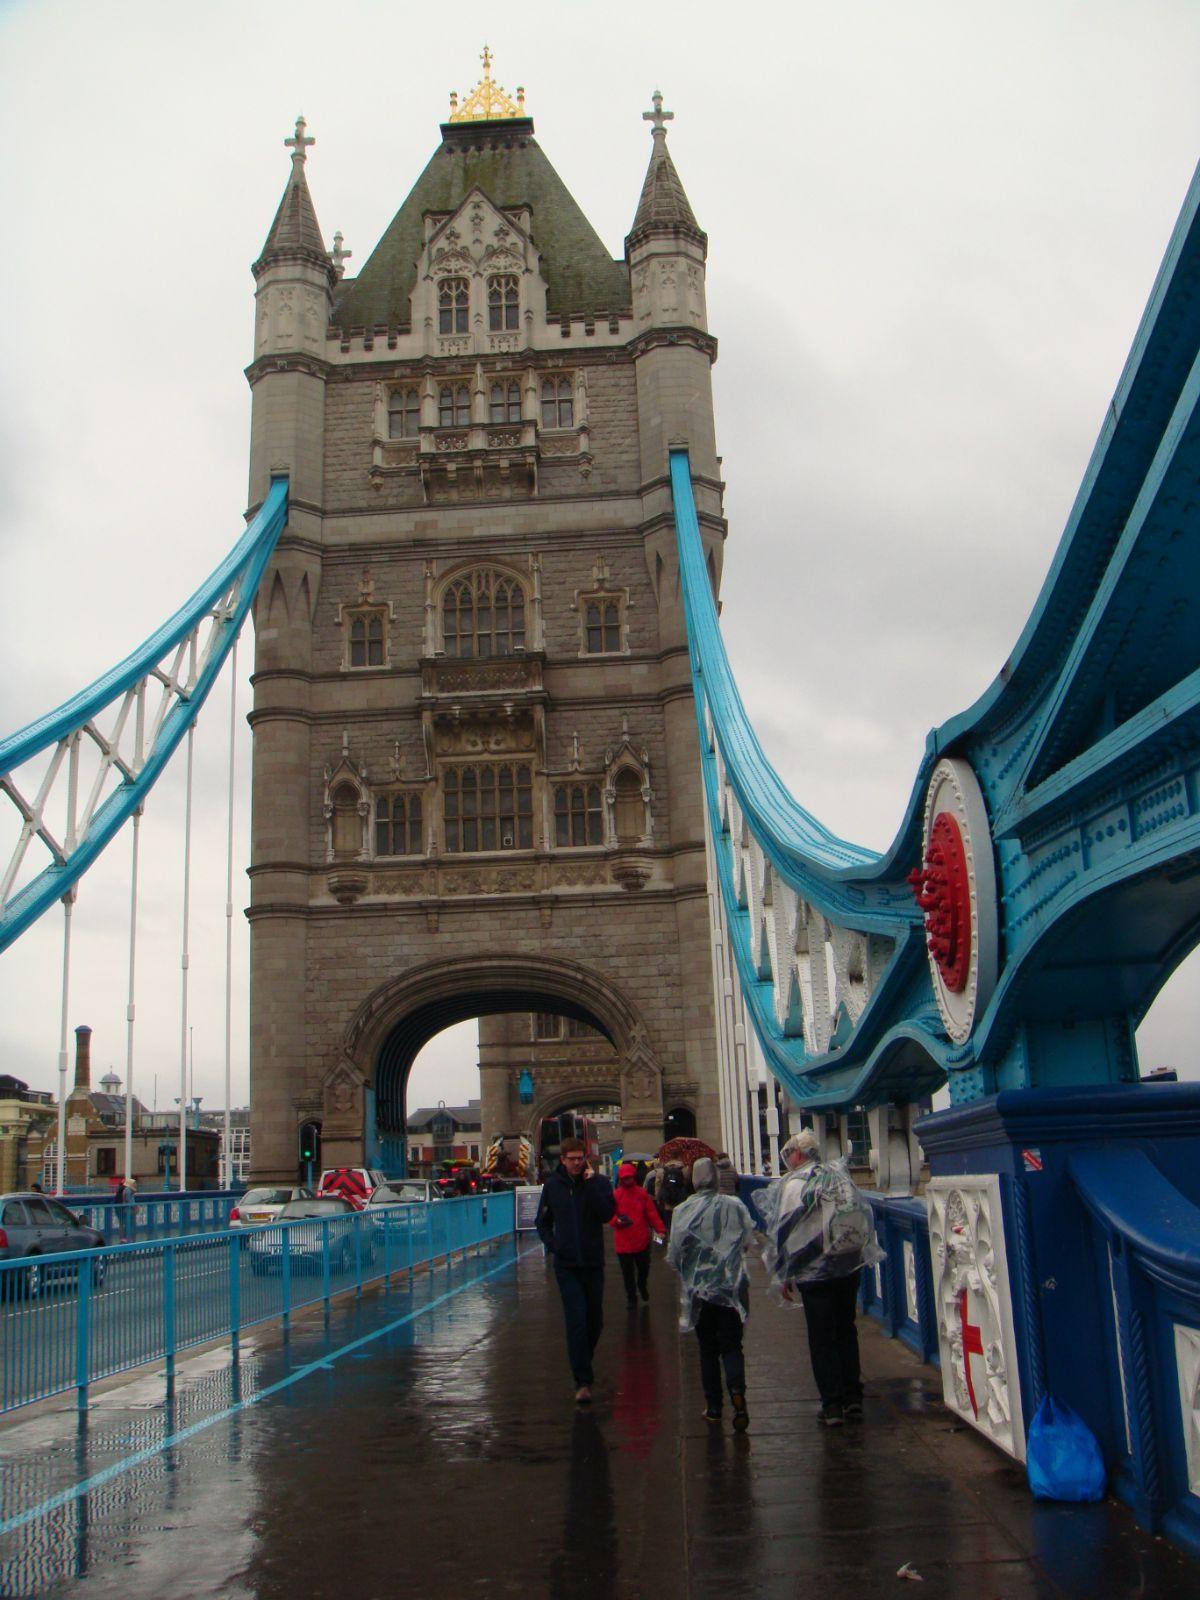 伦敦塔 塔桥博物馆里有蒸汽动力演示